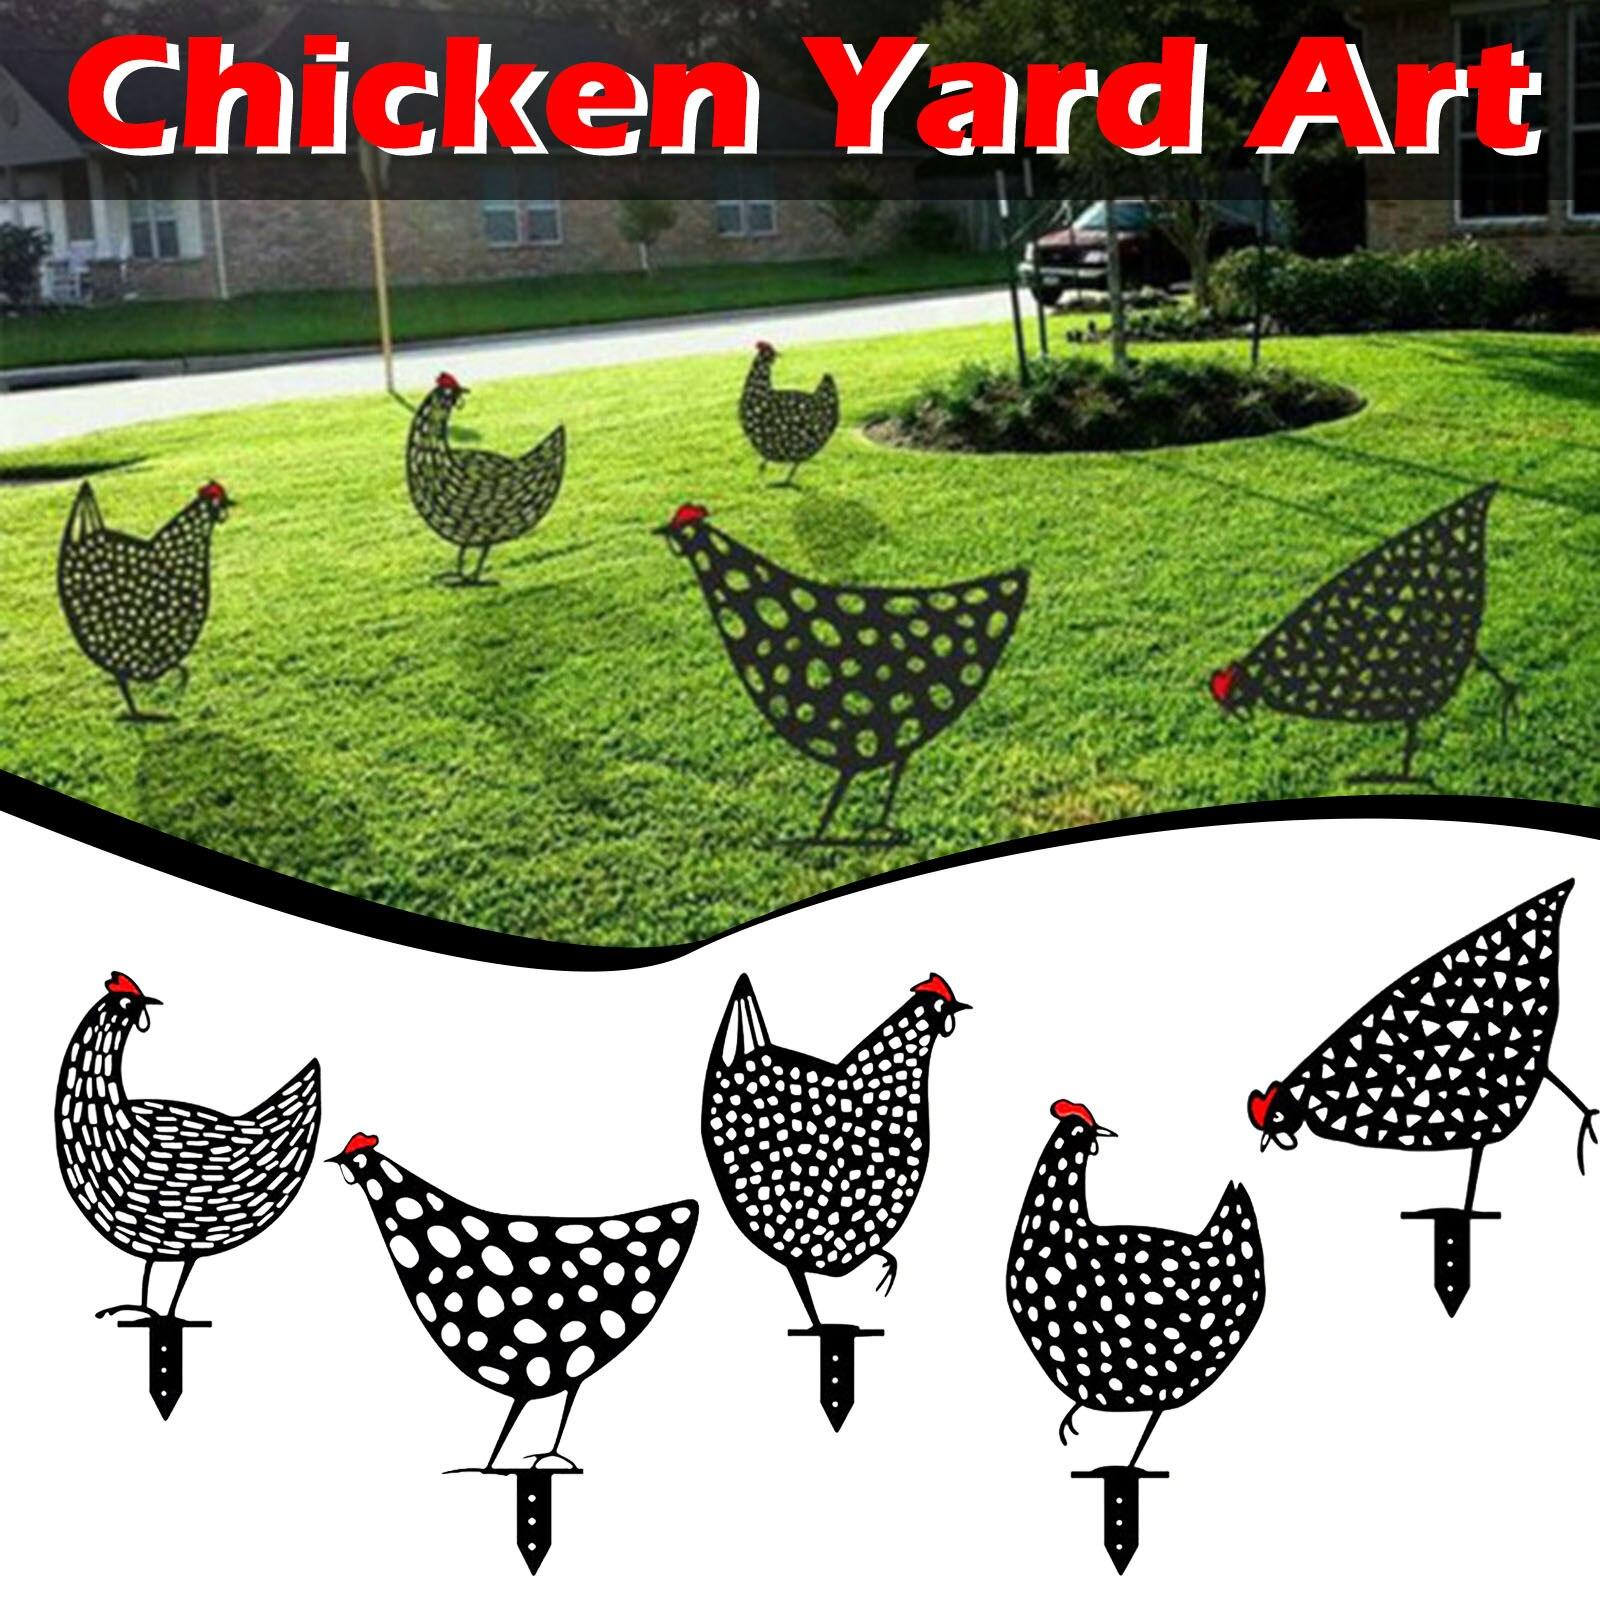 Хит продаж, искусство для куриного двора, для улицы, сада, двора, лужайки, колья, металлическая курица, Декор, подарок, опт и Прямая поставка